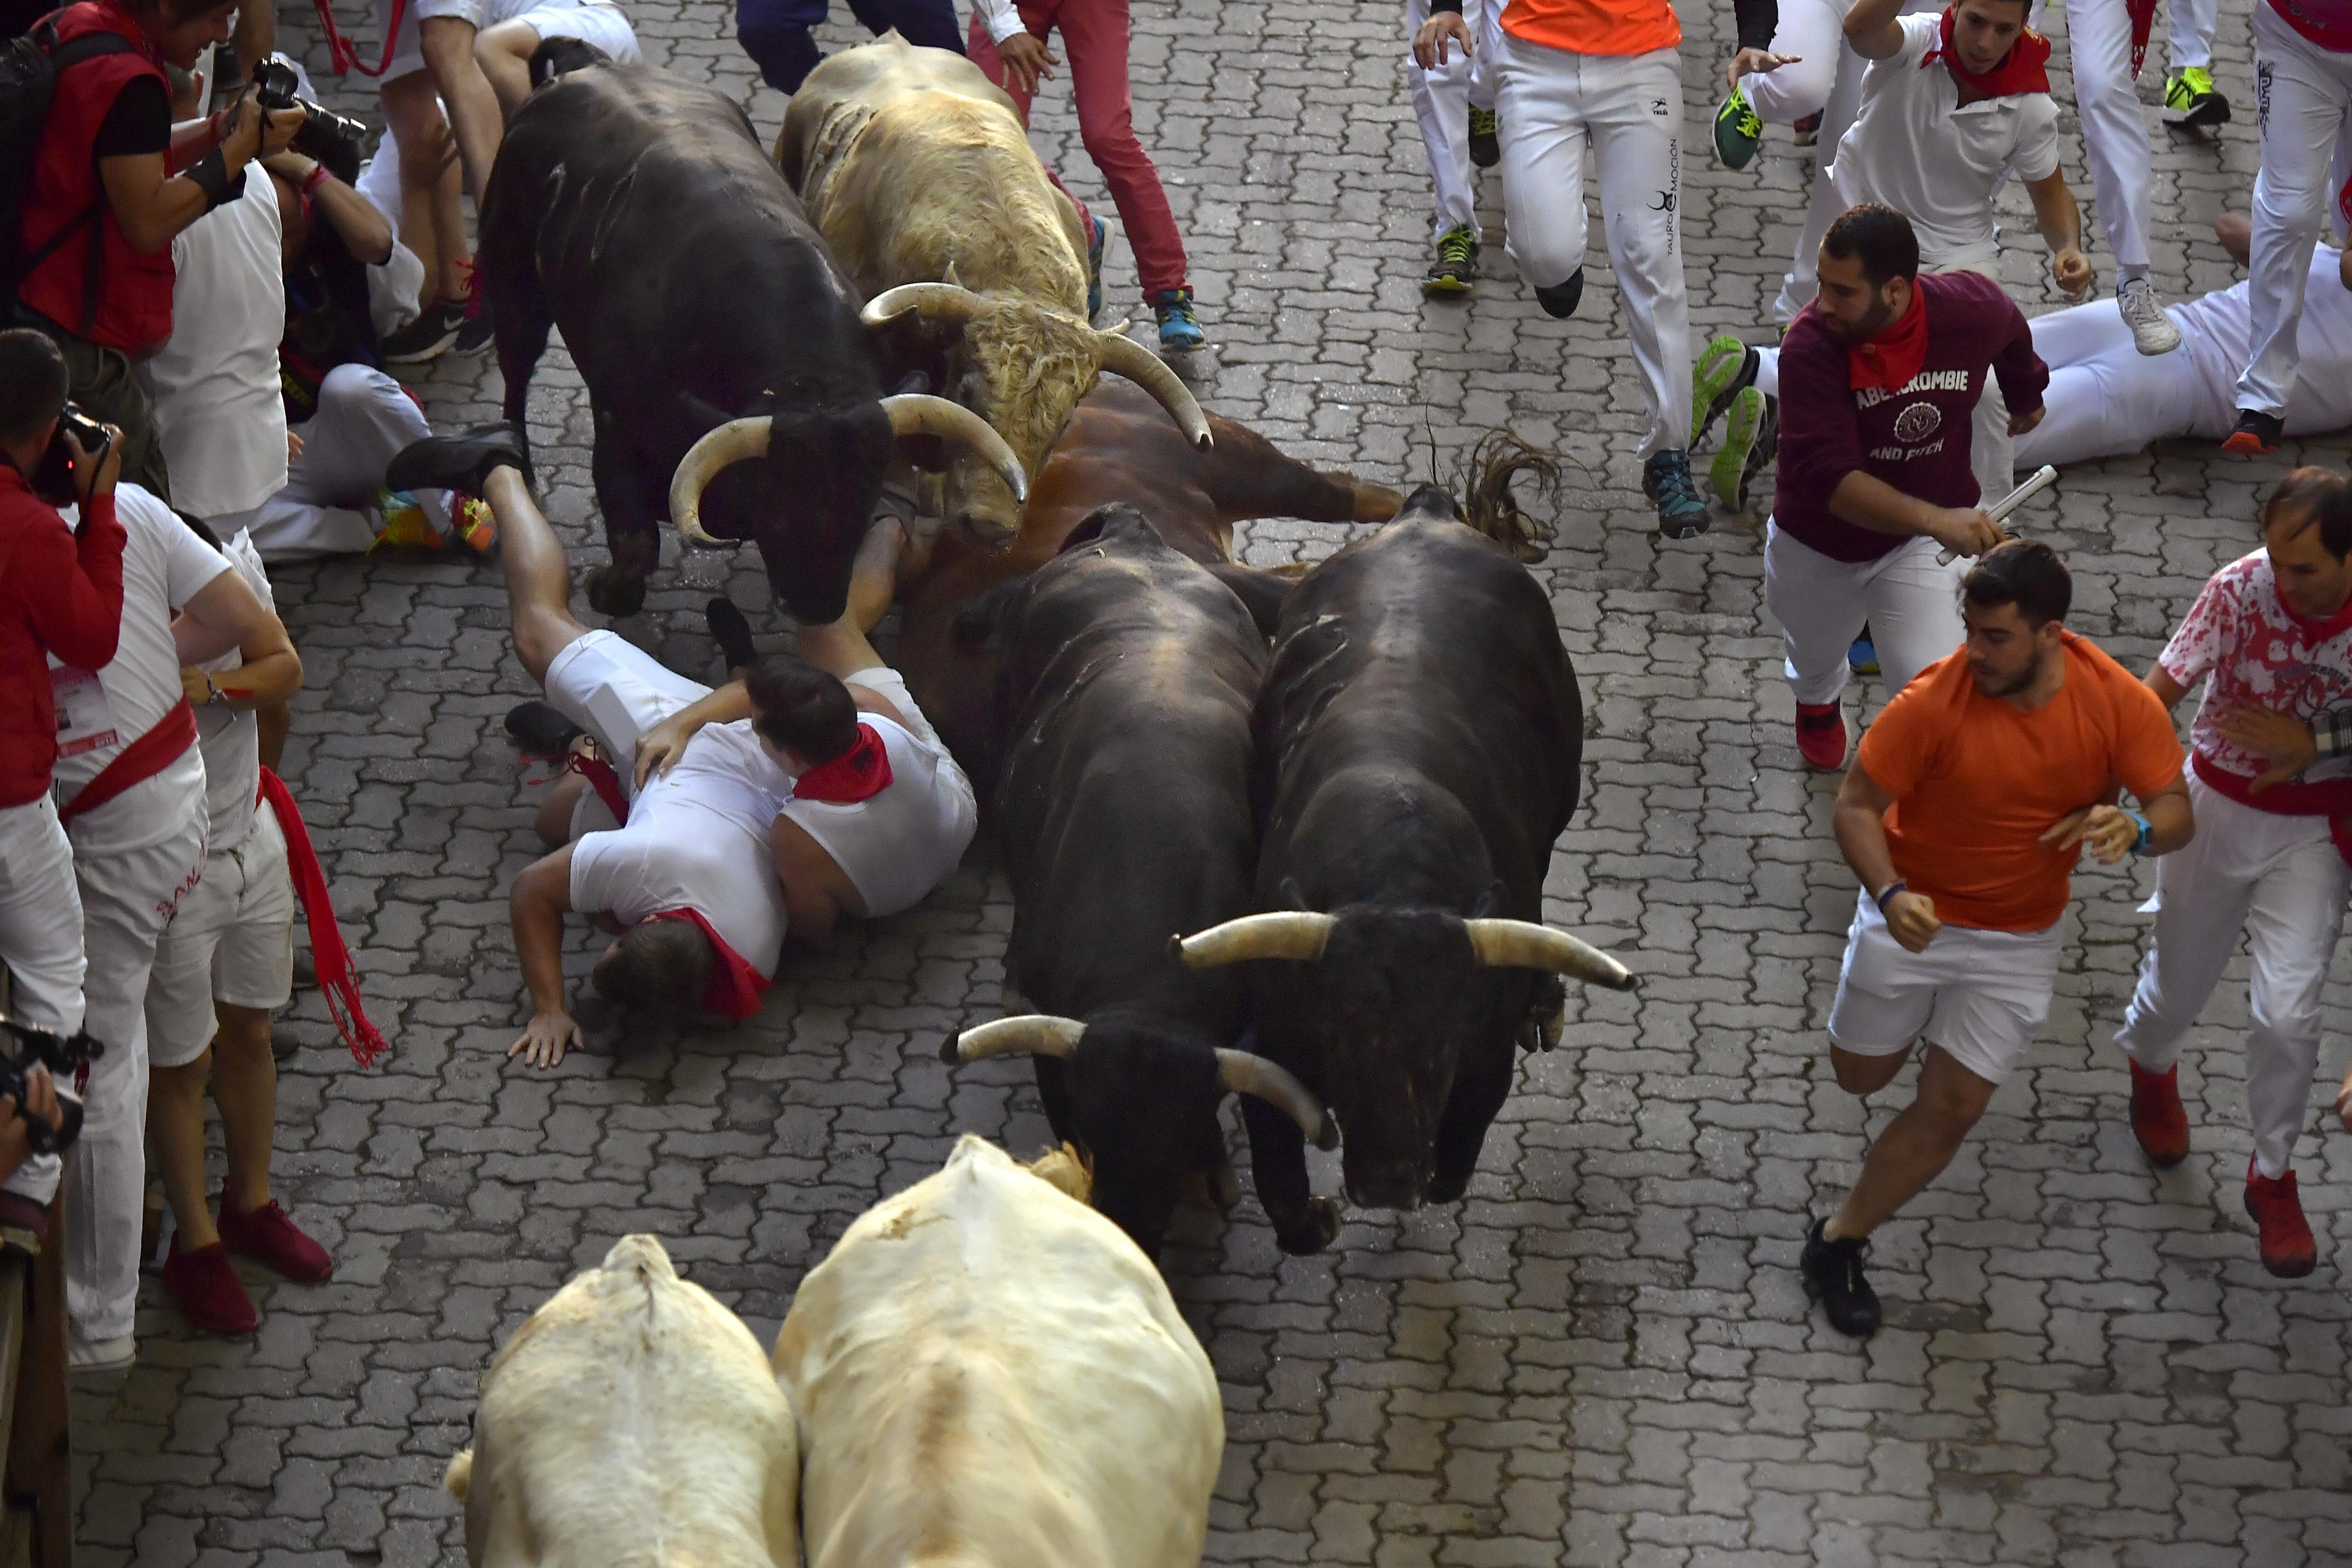 Ισπανία: 19χρονος έχασε την ζωή του από ταύρο στο Φεστιβάλ του Σαν Βιθέντε